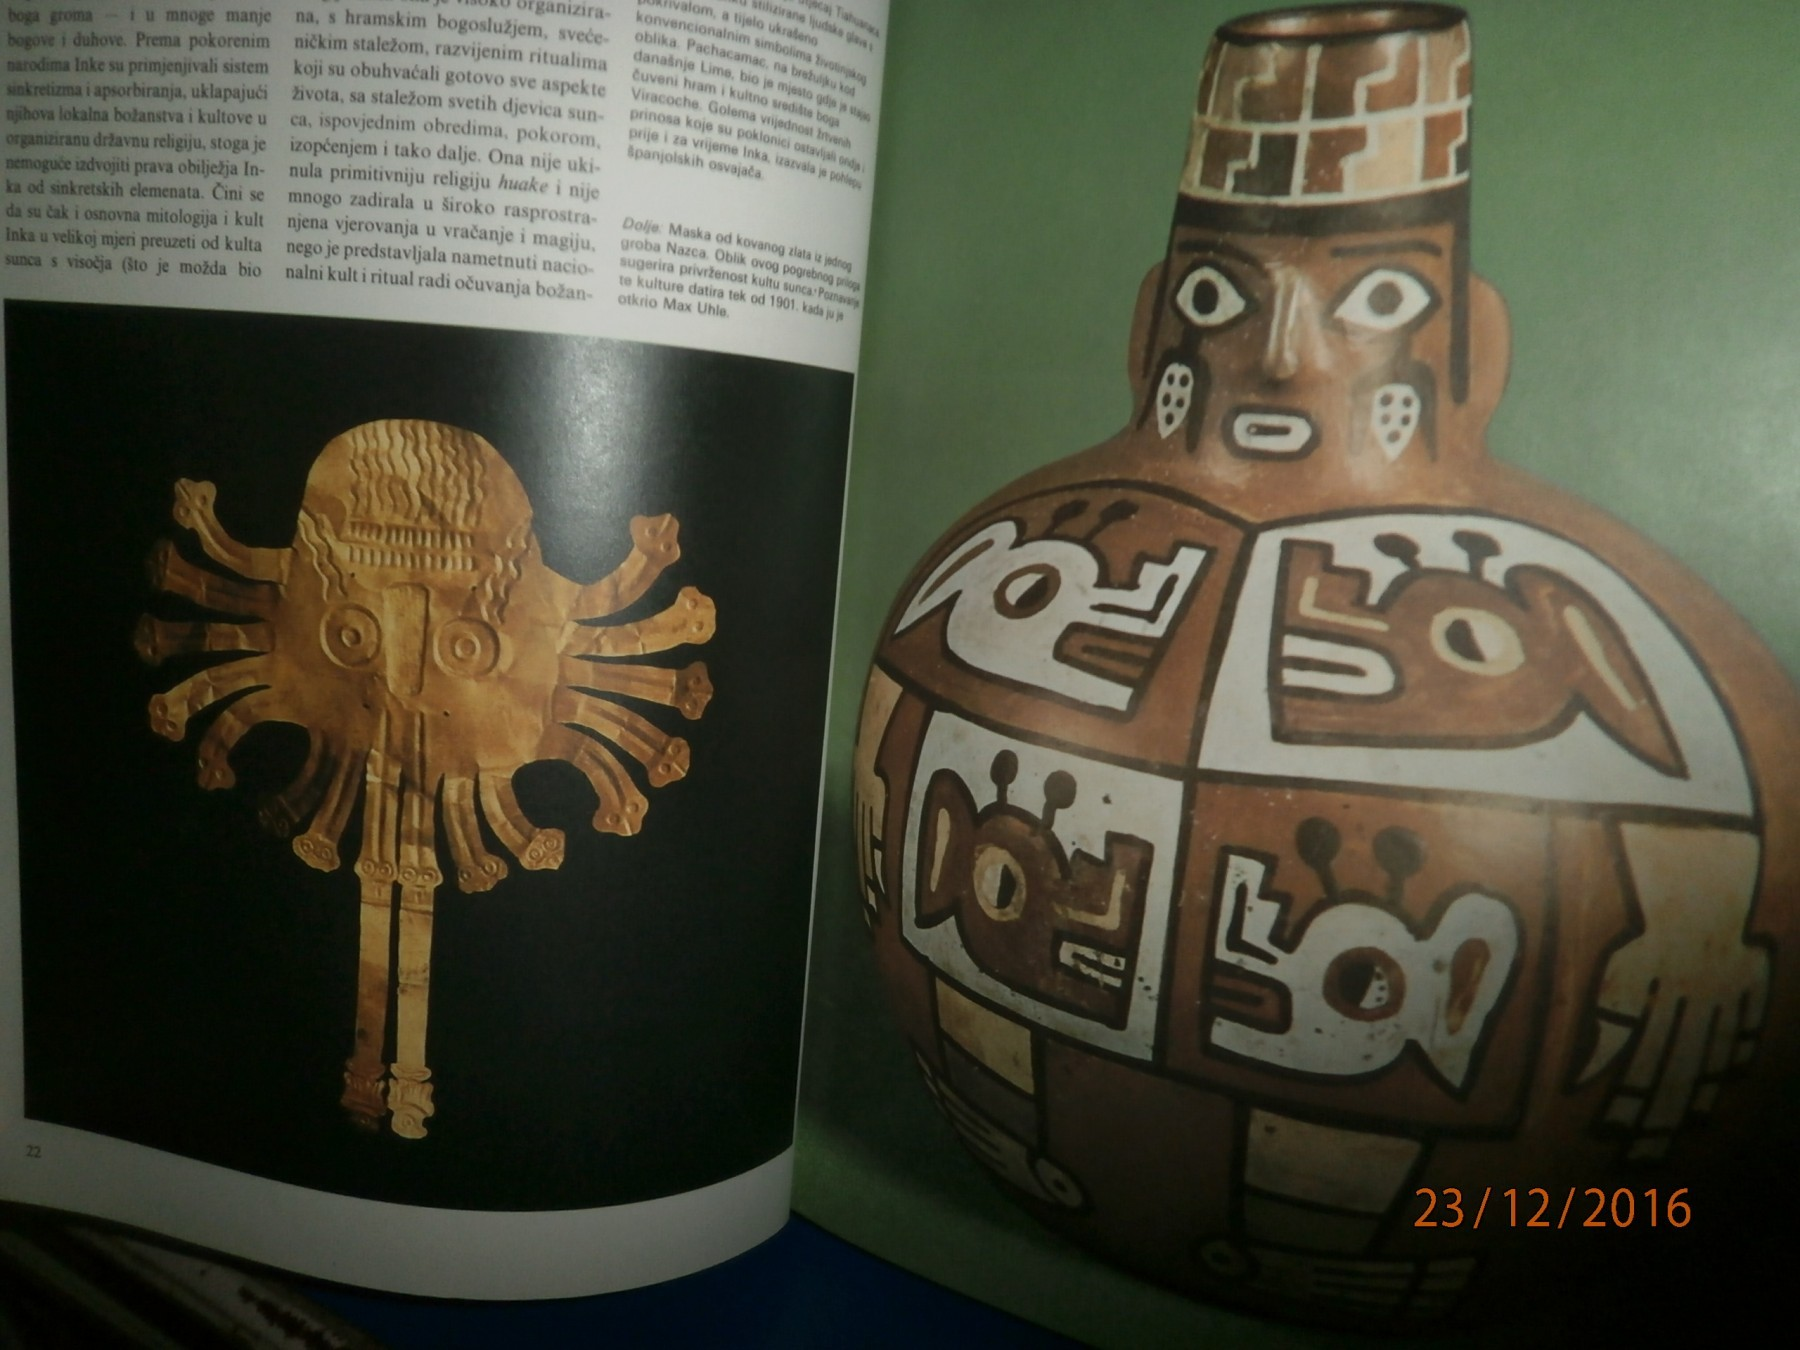 južnoamerička kultura datiranja